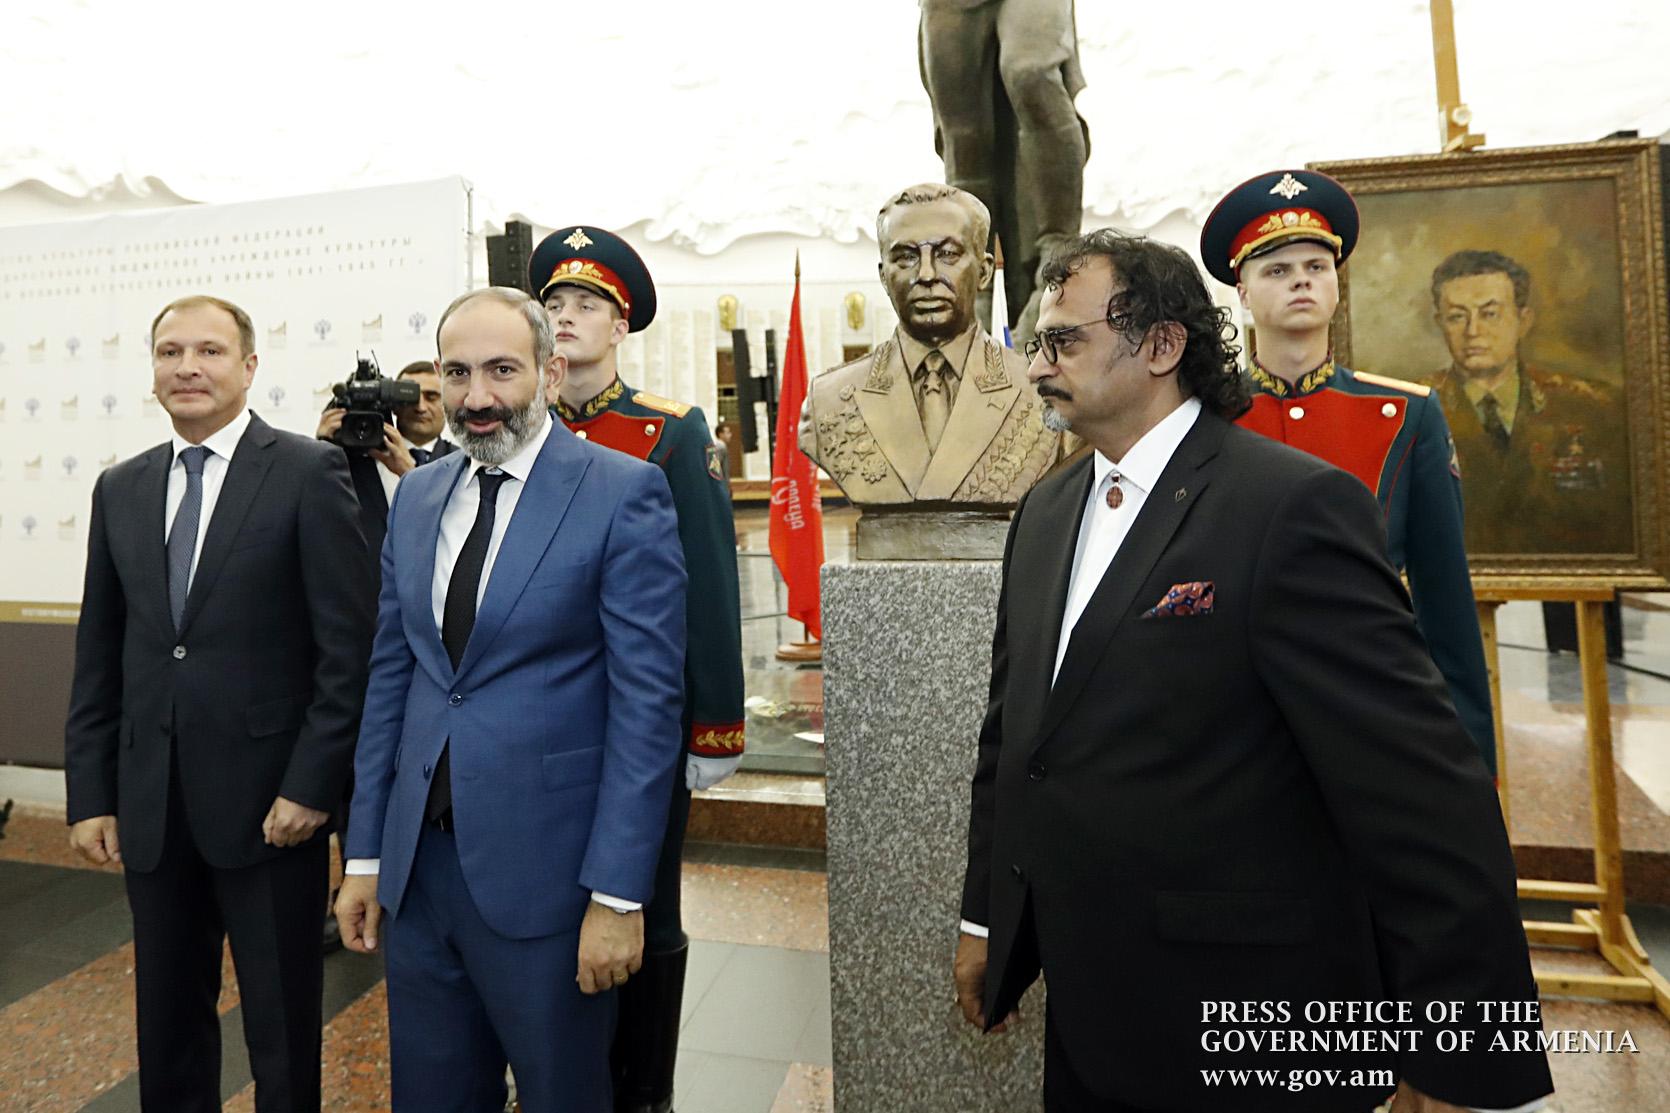 Վարչապետ Փաշինյանի մասնակցությամբ Մոսկվայում բացվել է մարշալ Համազասպ Բաբաջանյանի կիսանդրին (լուսանկարներ)